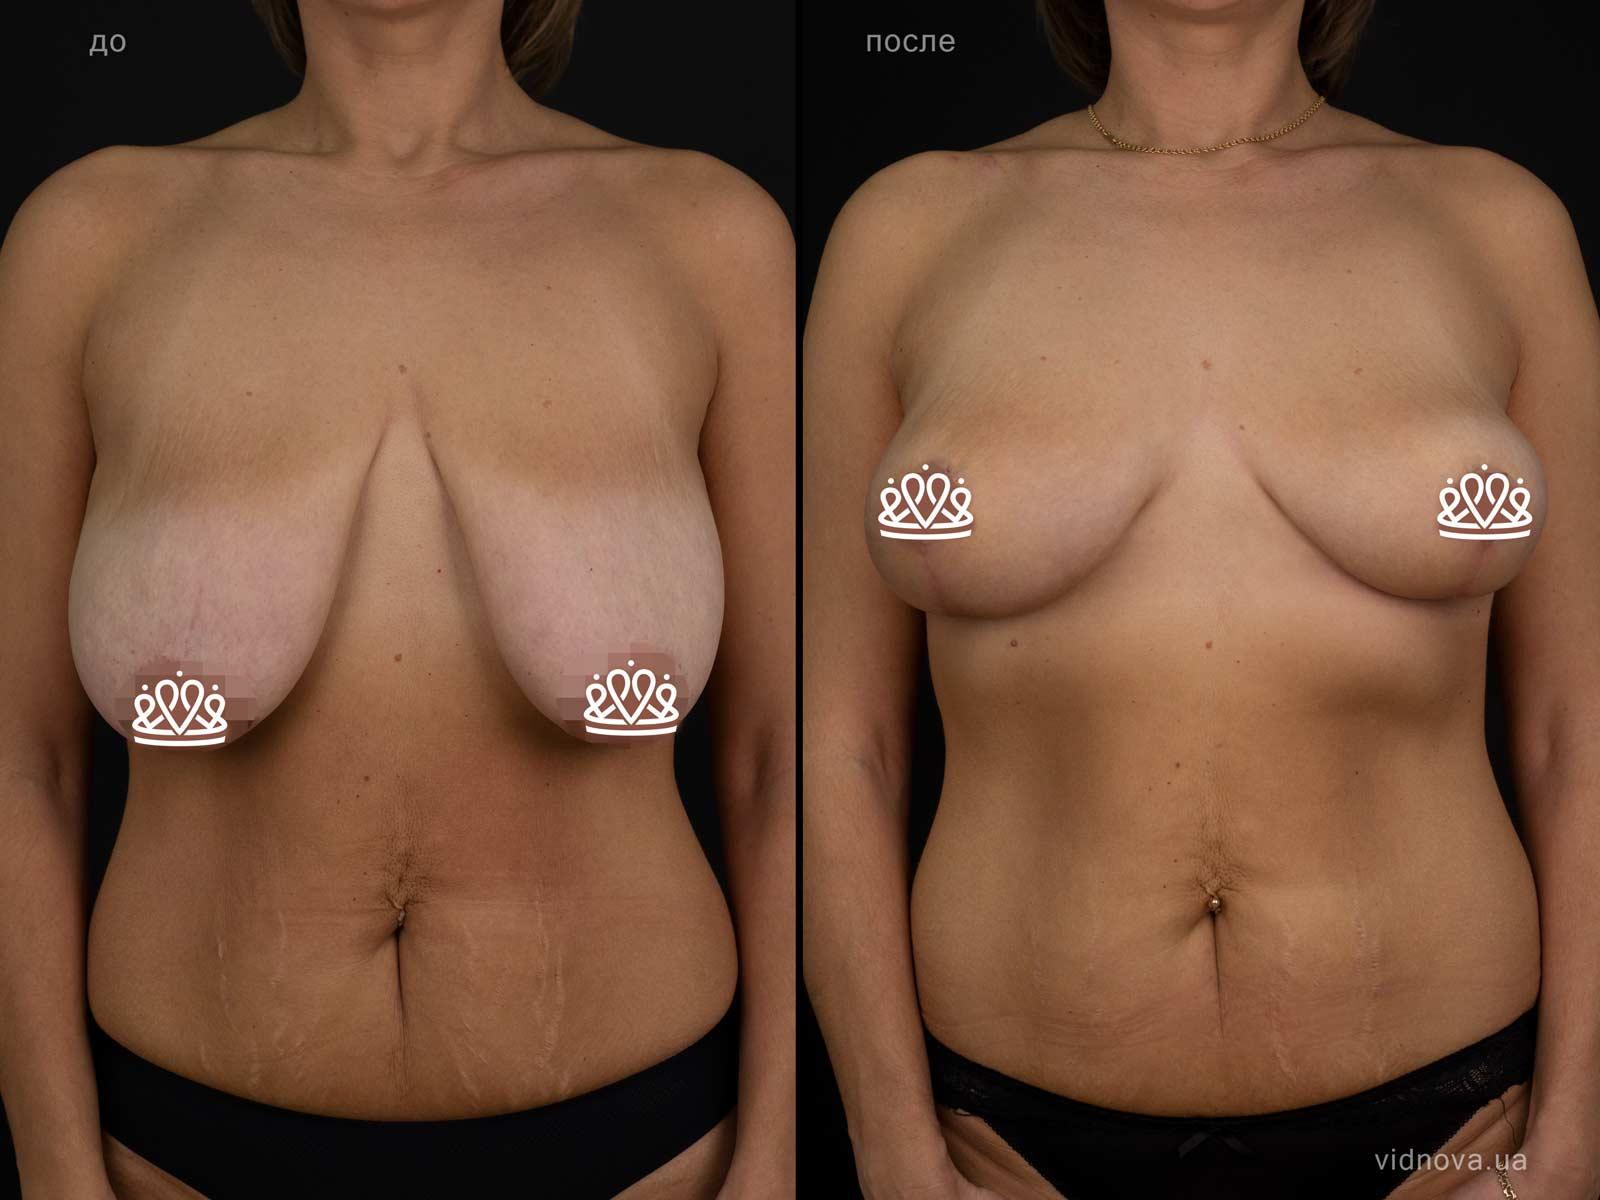 Пластика груди: результаты до и после - Пример №117-0 - Светлана Работенко